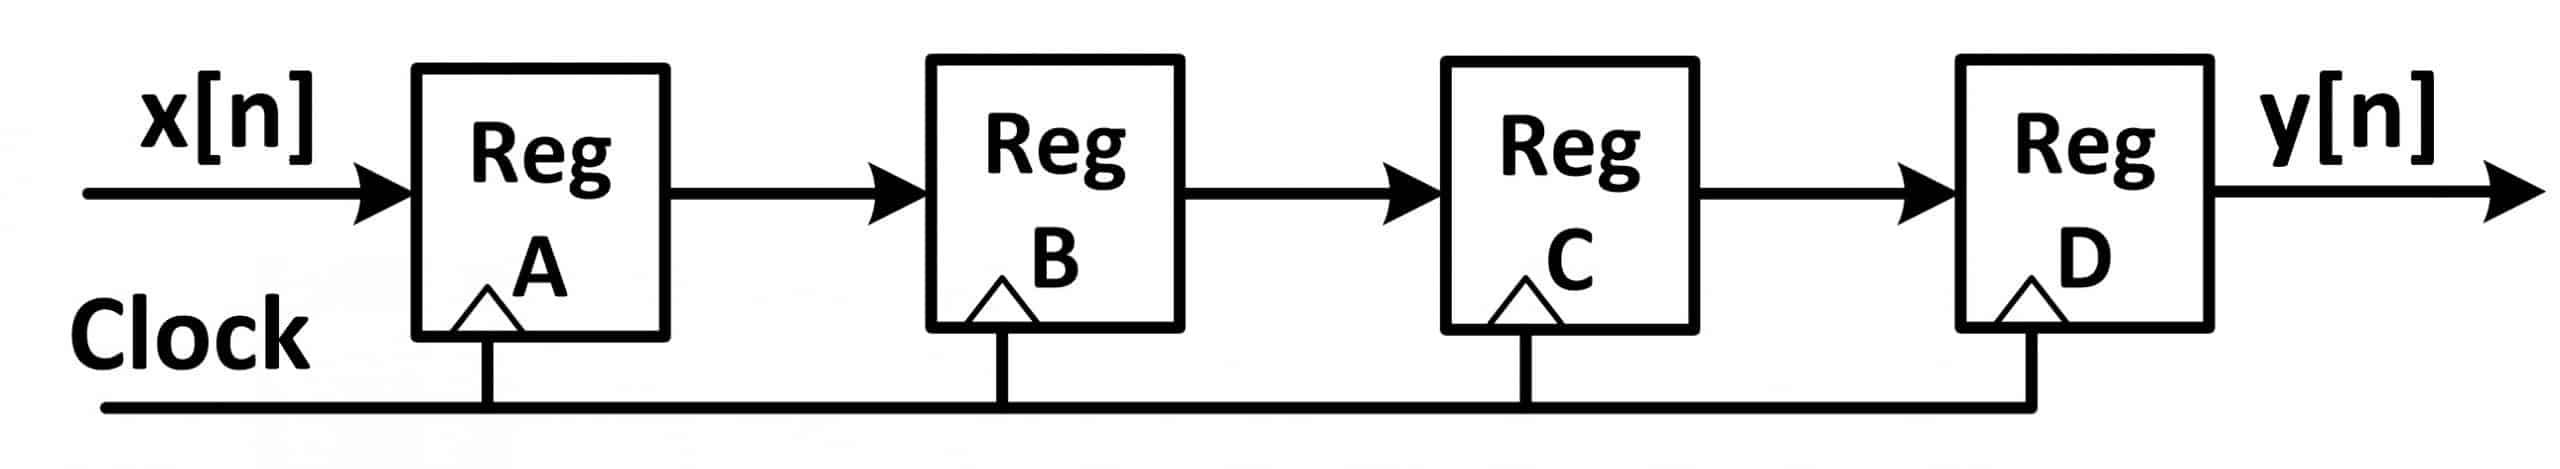 نمایش پیادهسازی دیجیتال یک خط تاخیر، بهکمک چند رجیستر